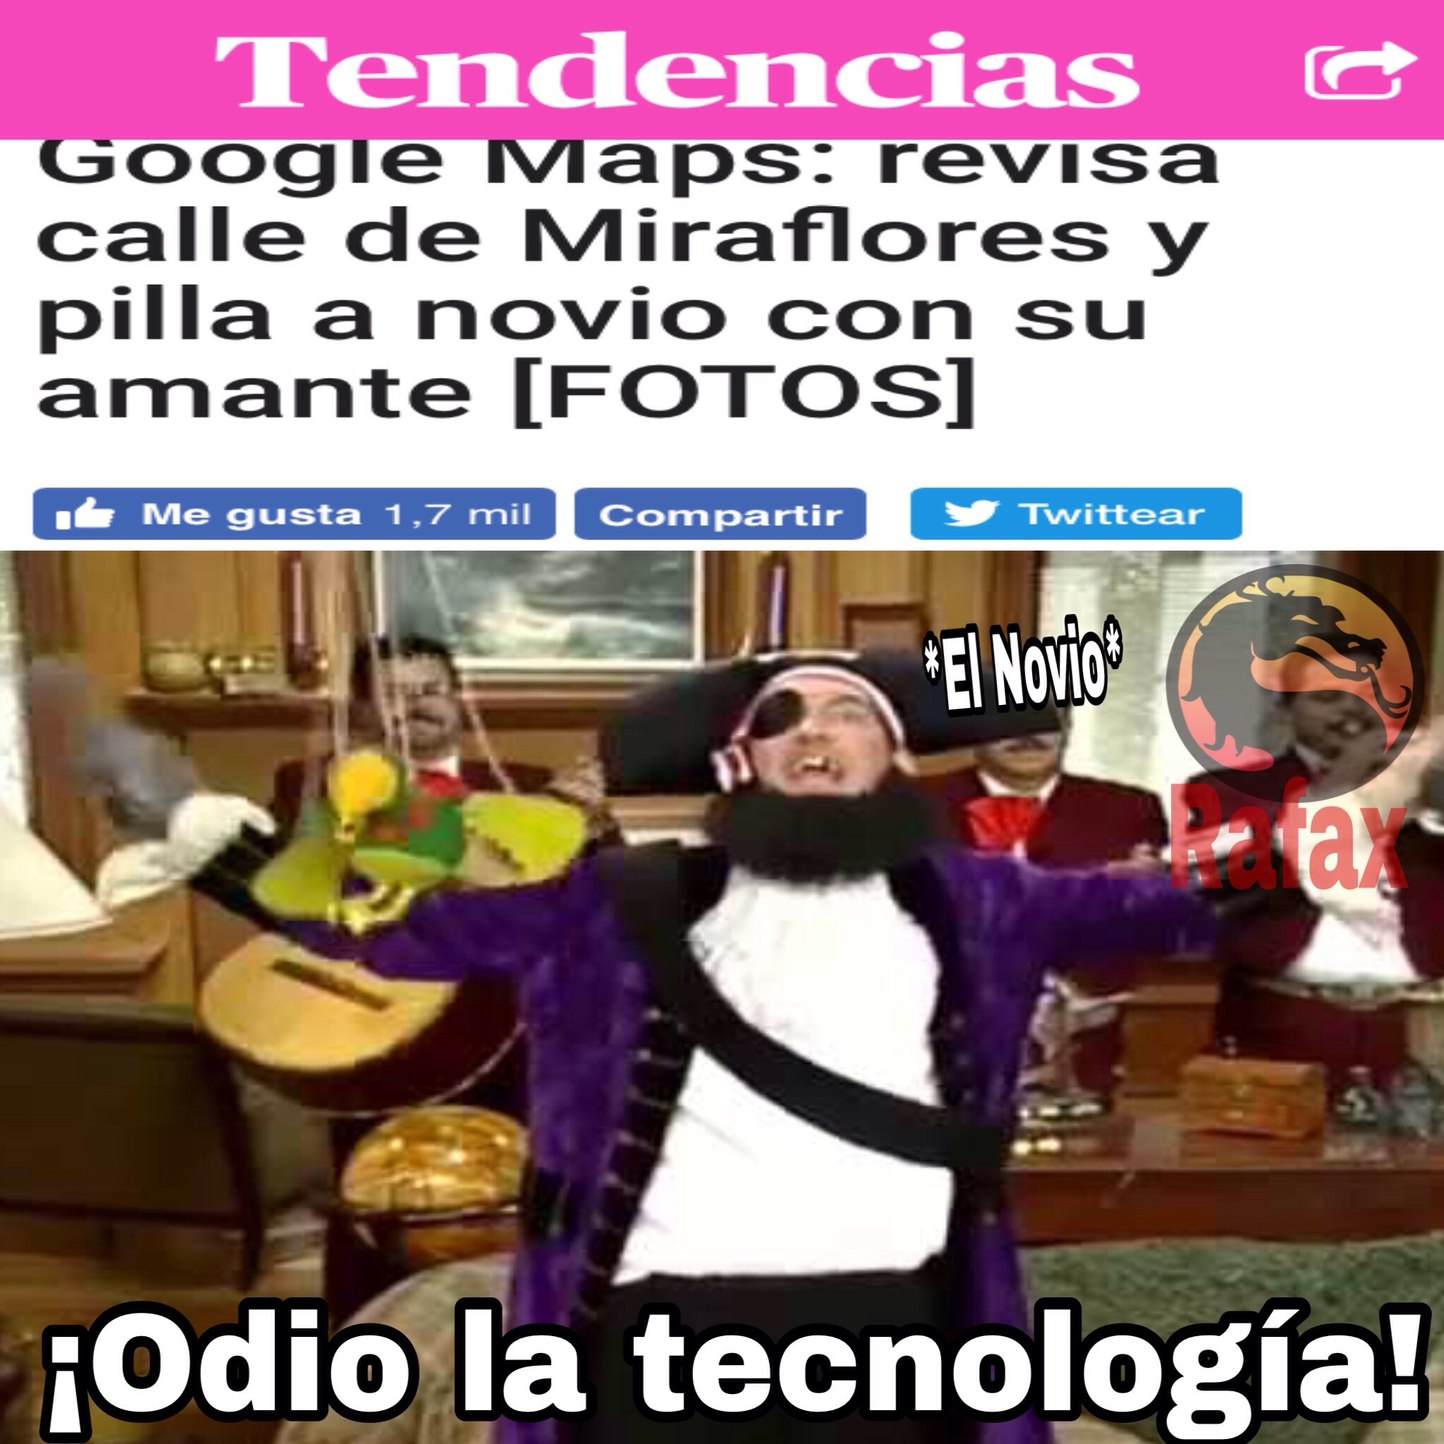 Ya no hay privacidad - meme